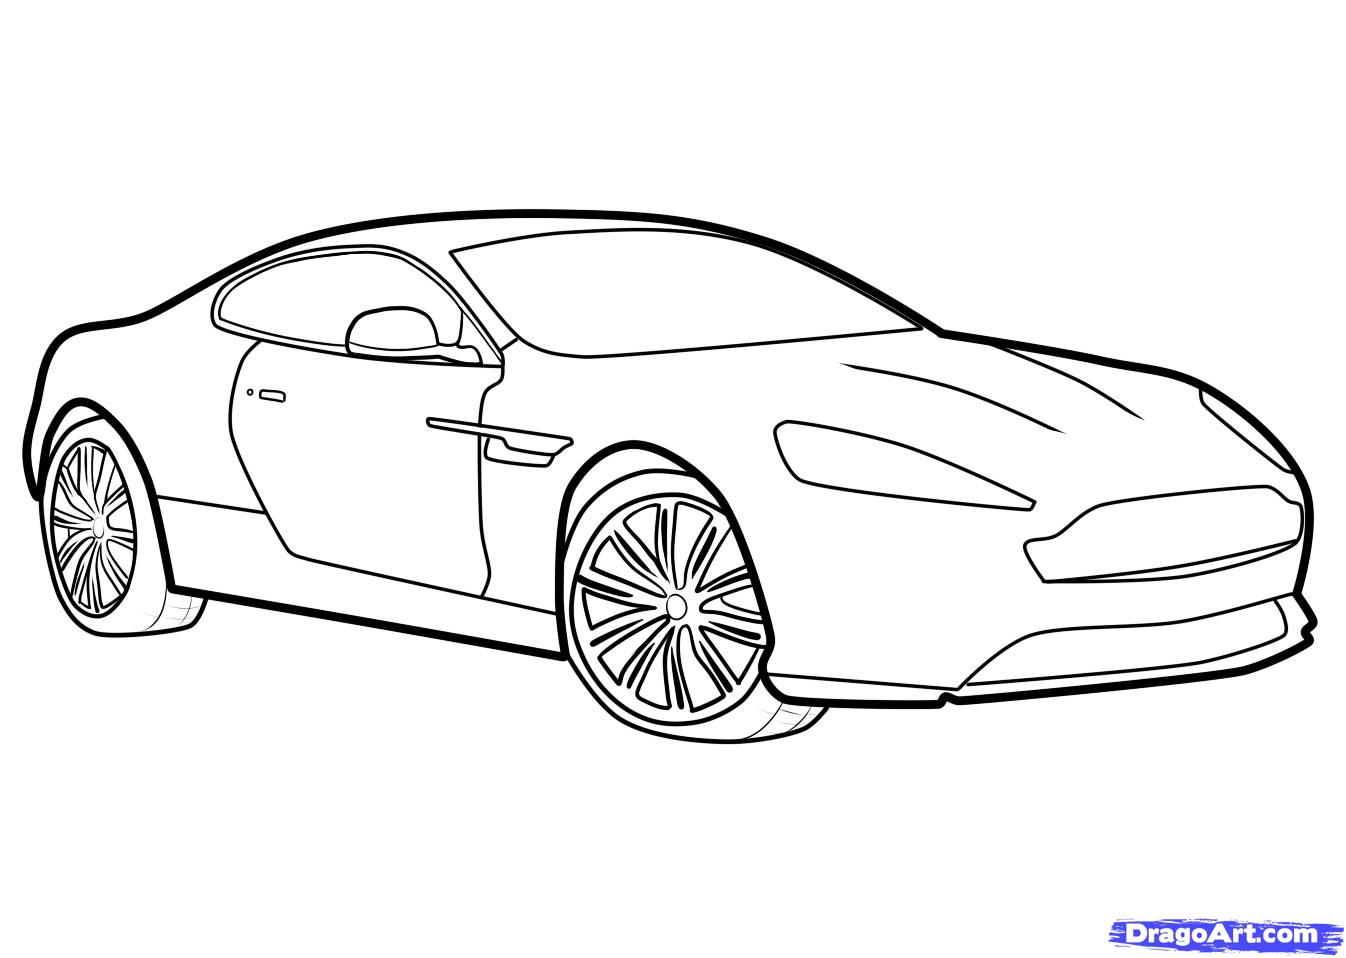 Drawn car How Draw aston Virage virage